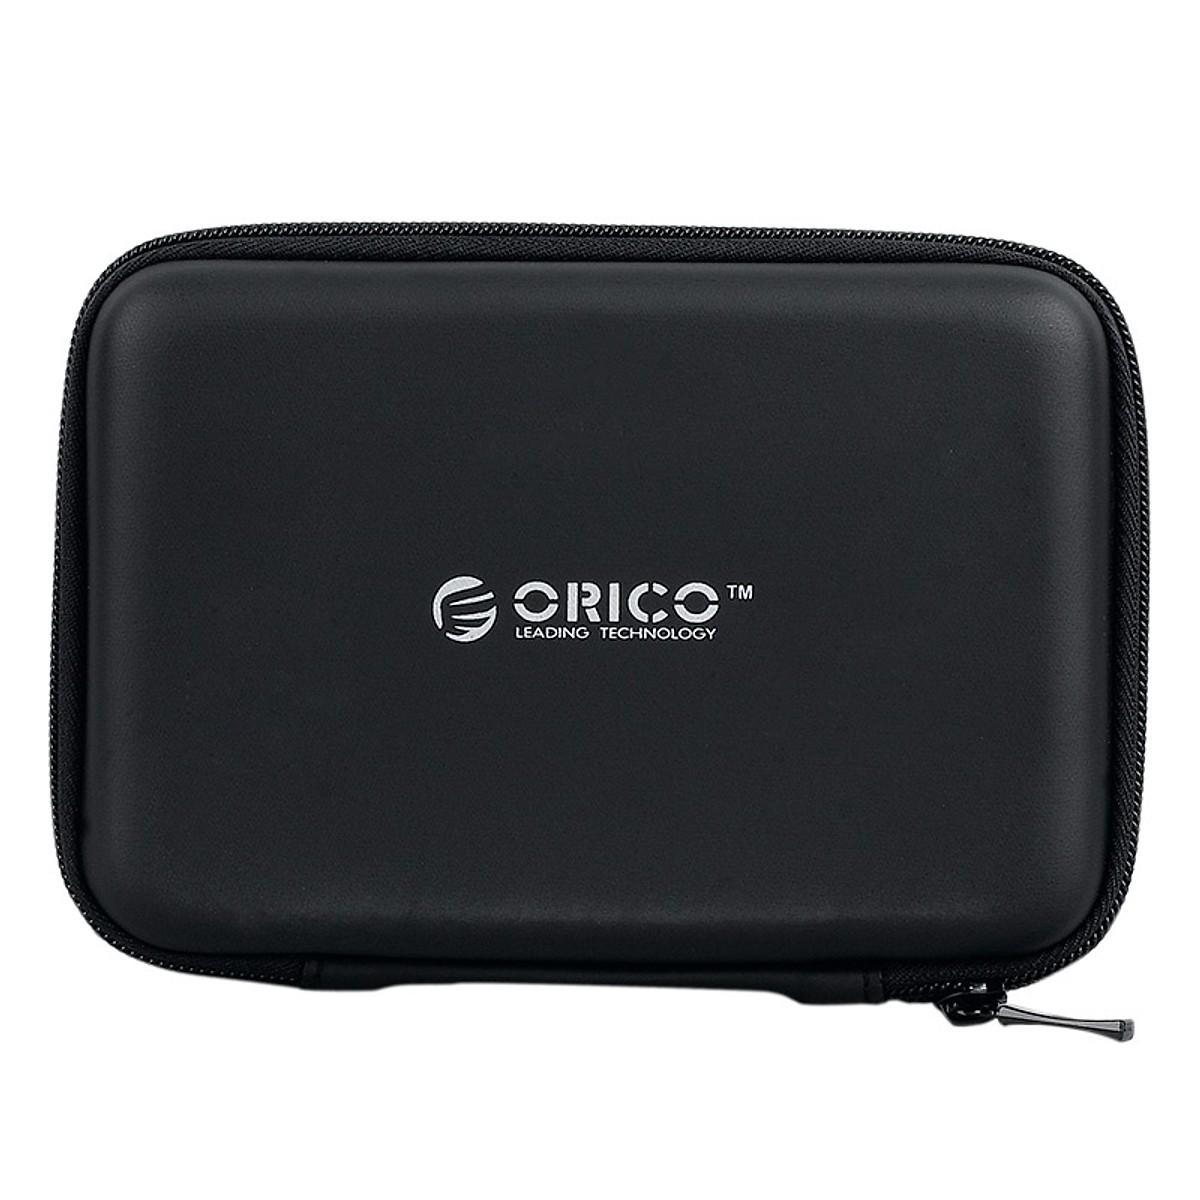 Hộp bảo vệ ổ cứng 2.5 Orico PHB-25 ĐEN